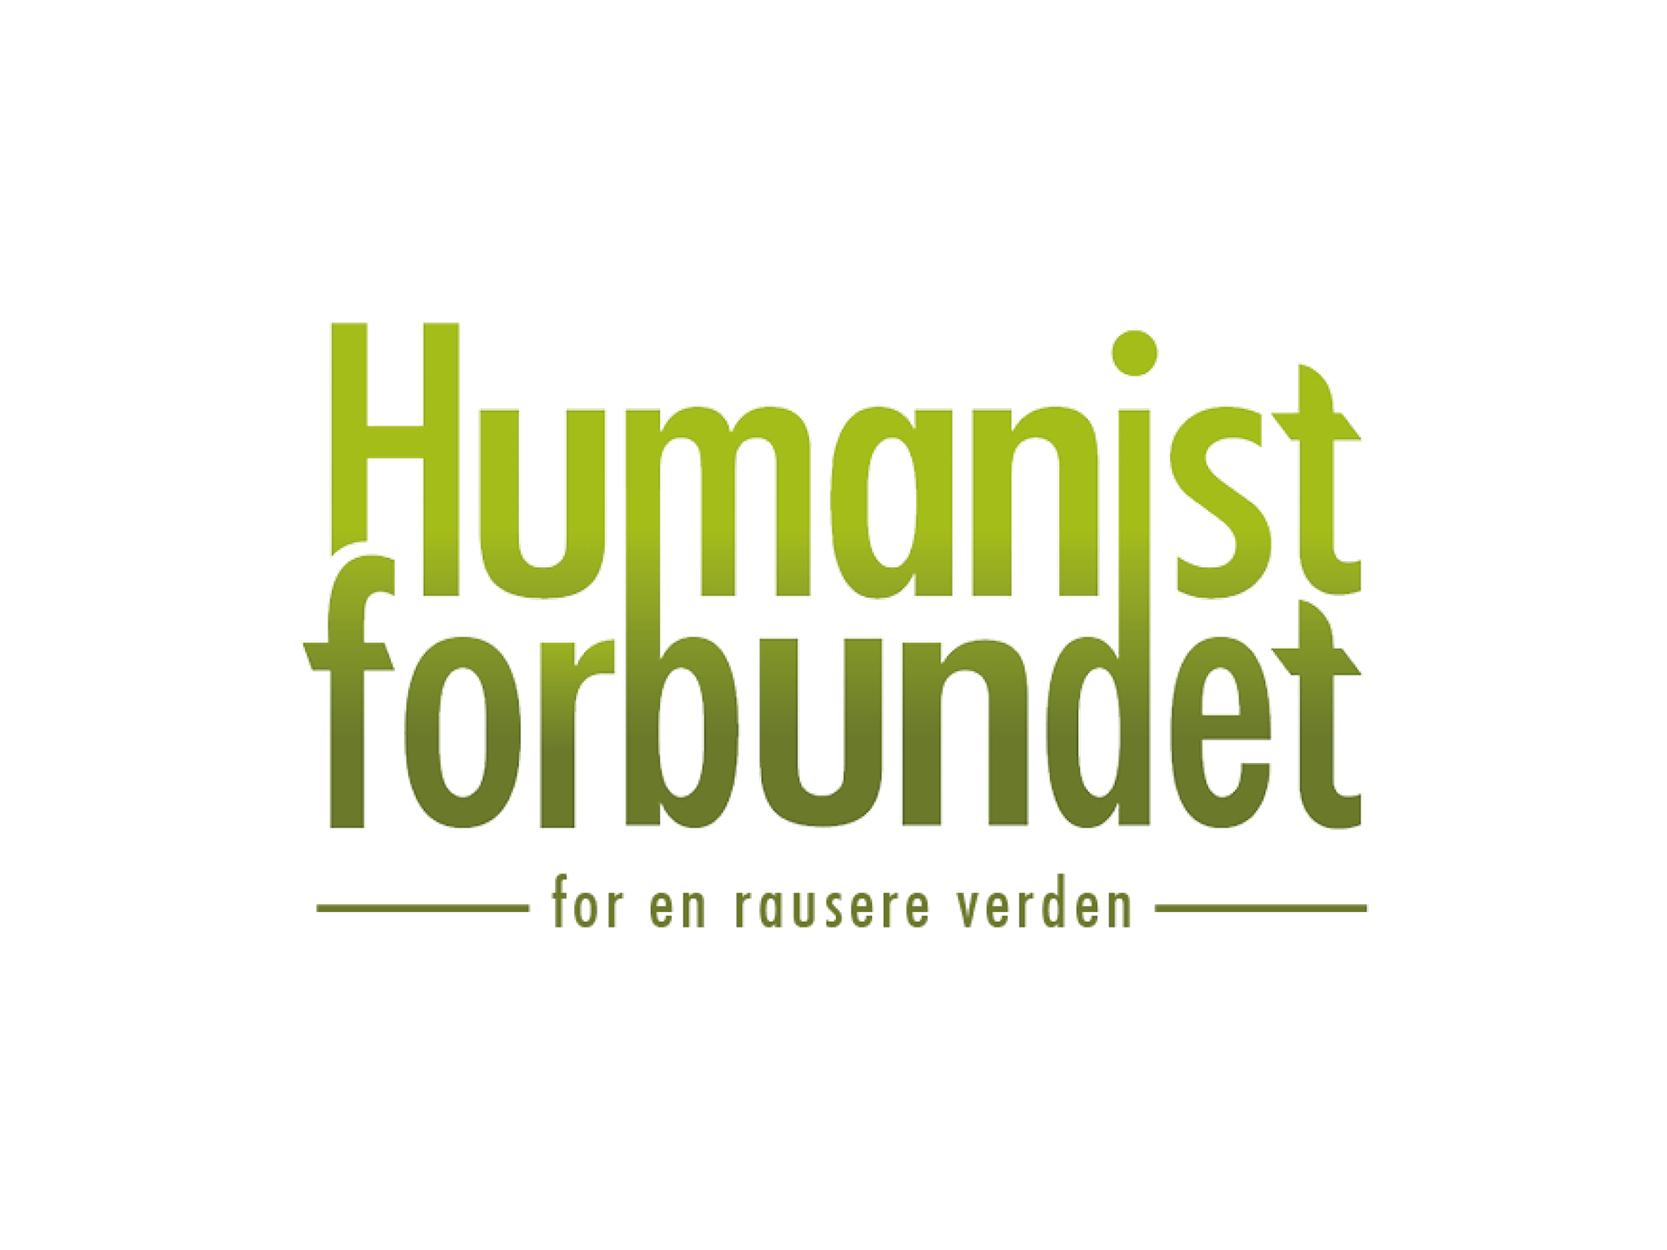 Humanistforbundet